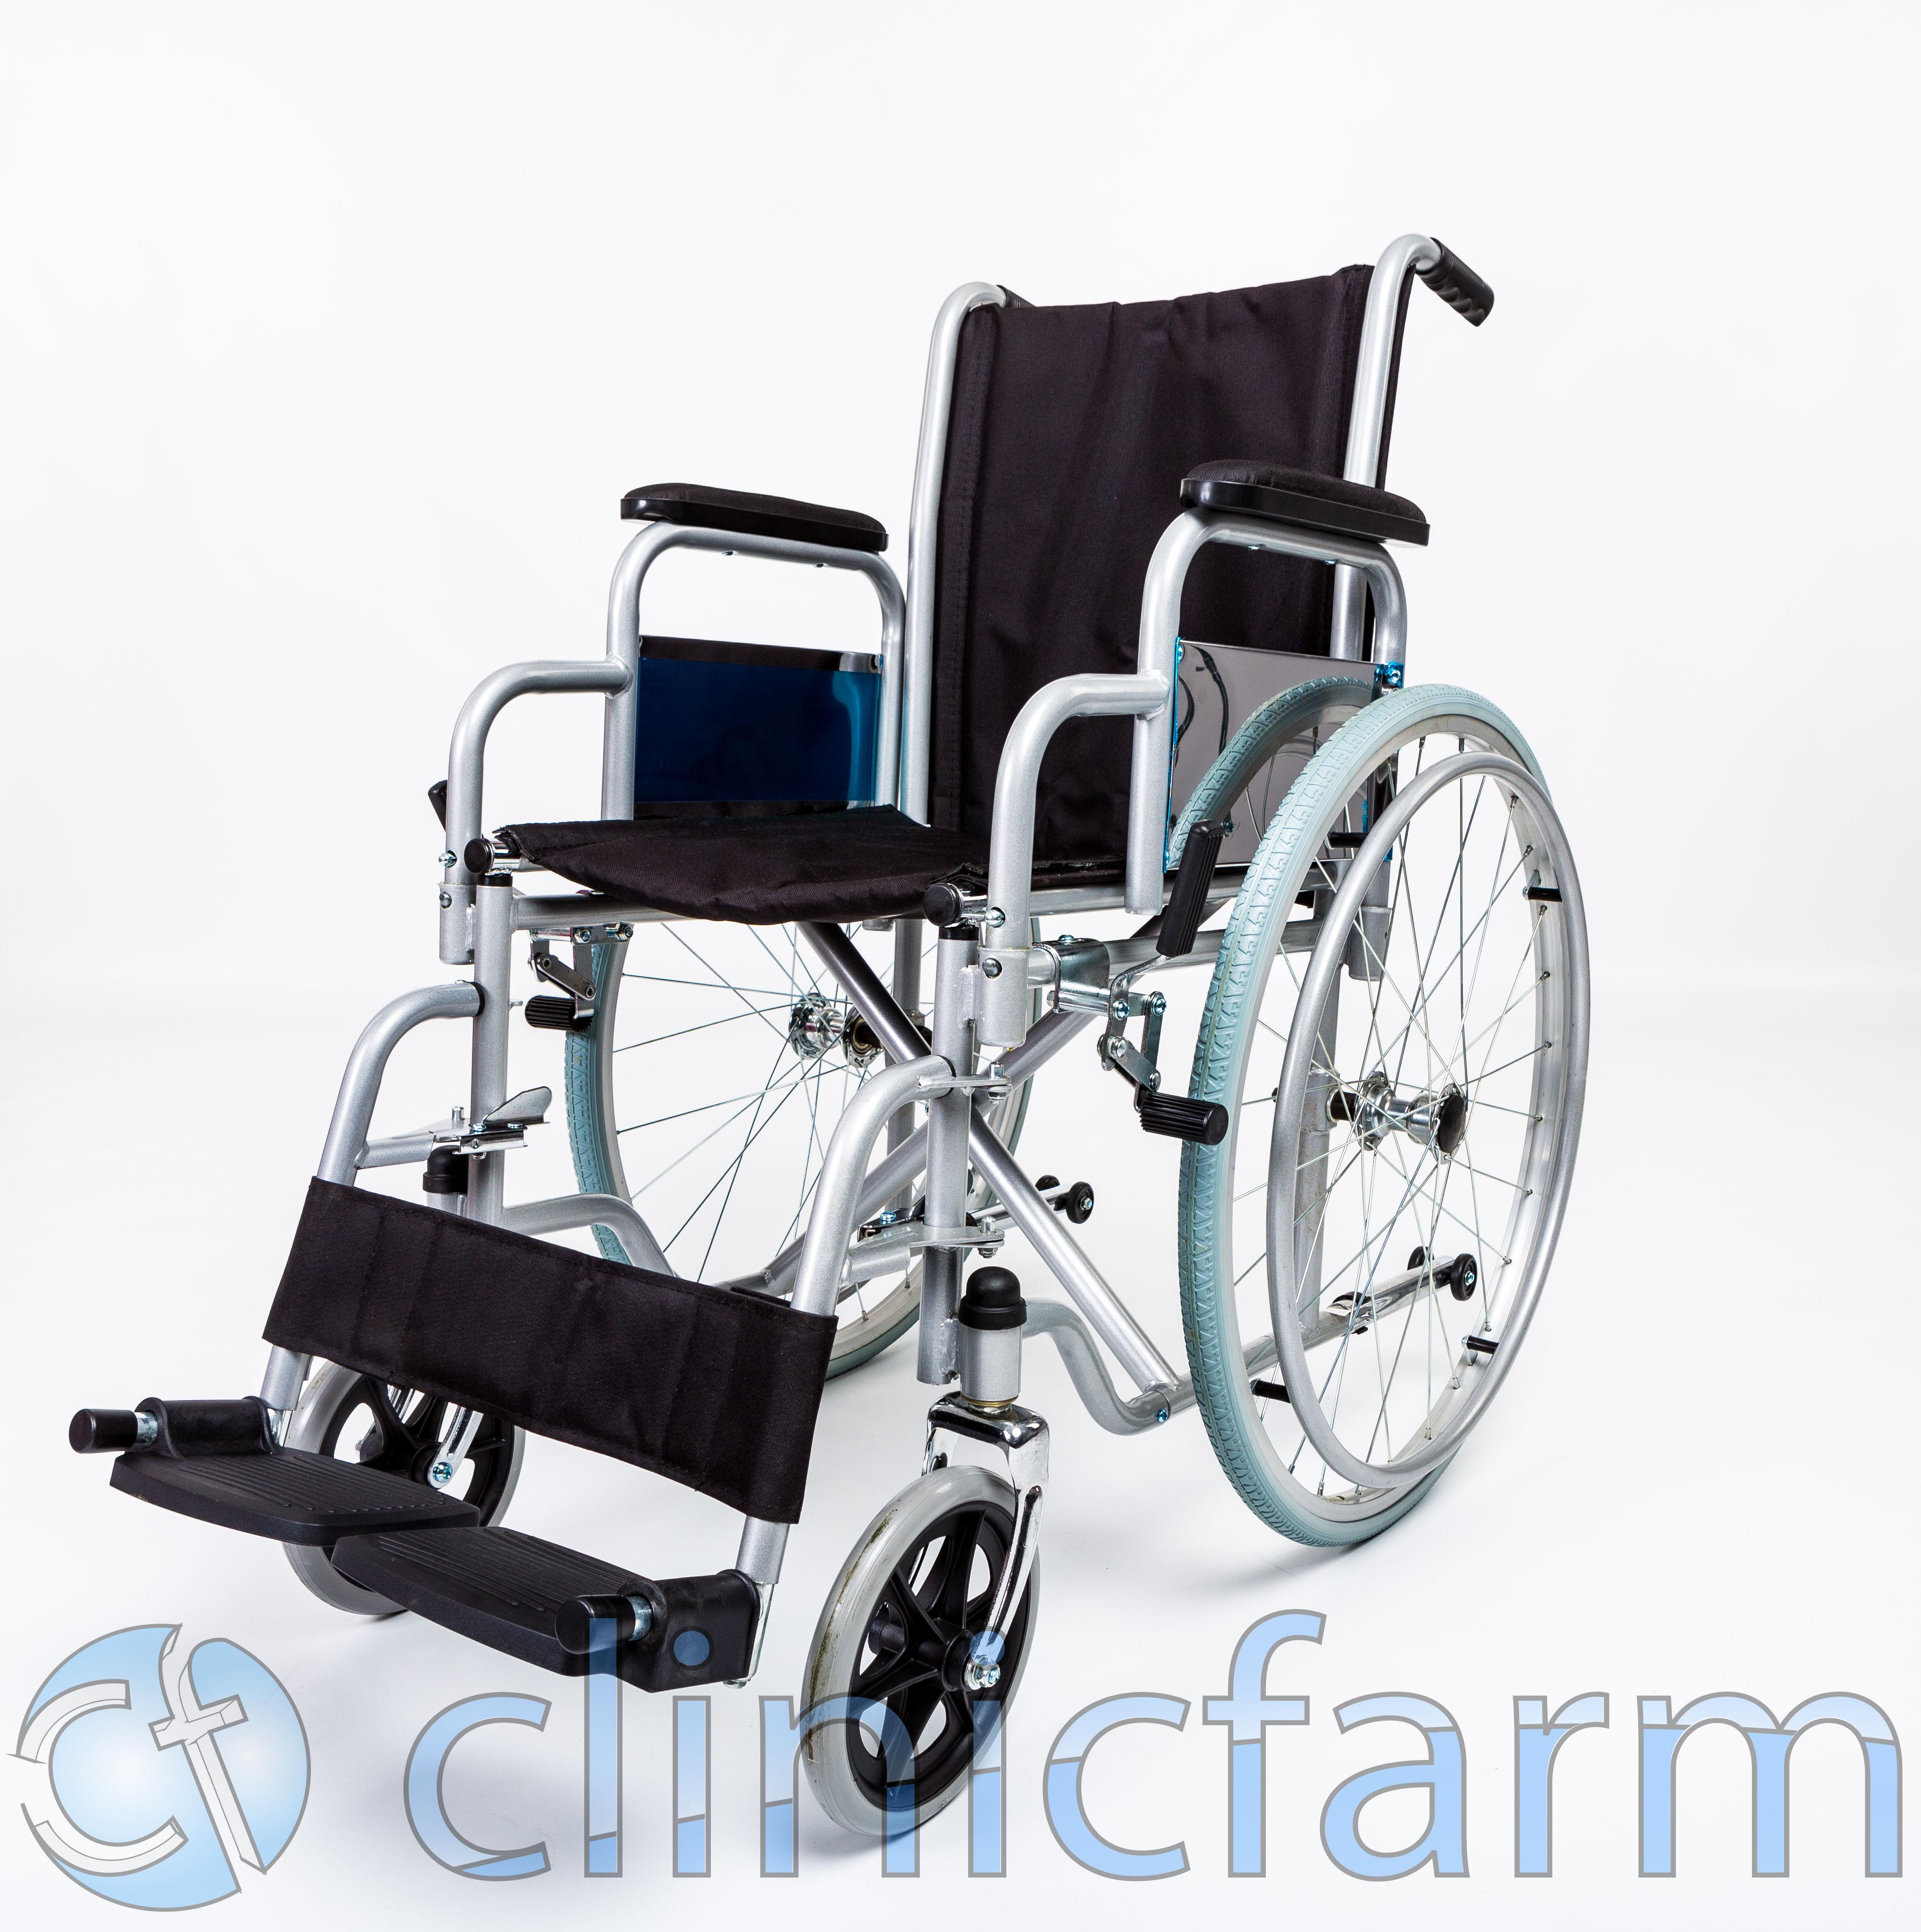 Cochecito plegable silla a ruedas per discapacitado ed for Sillas para duchar ancianos